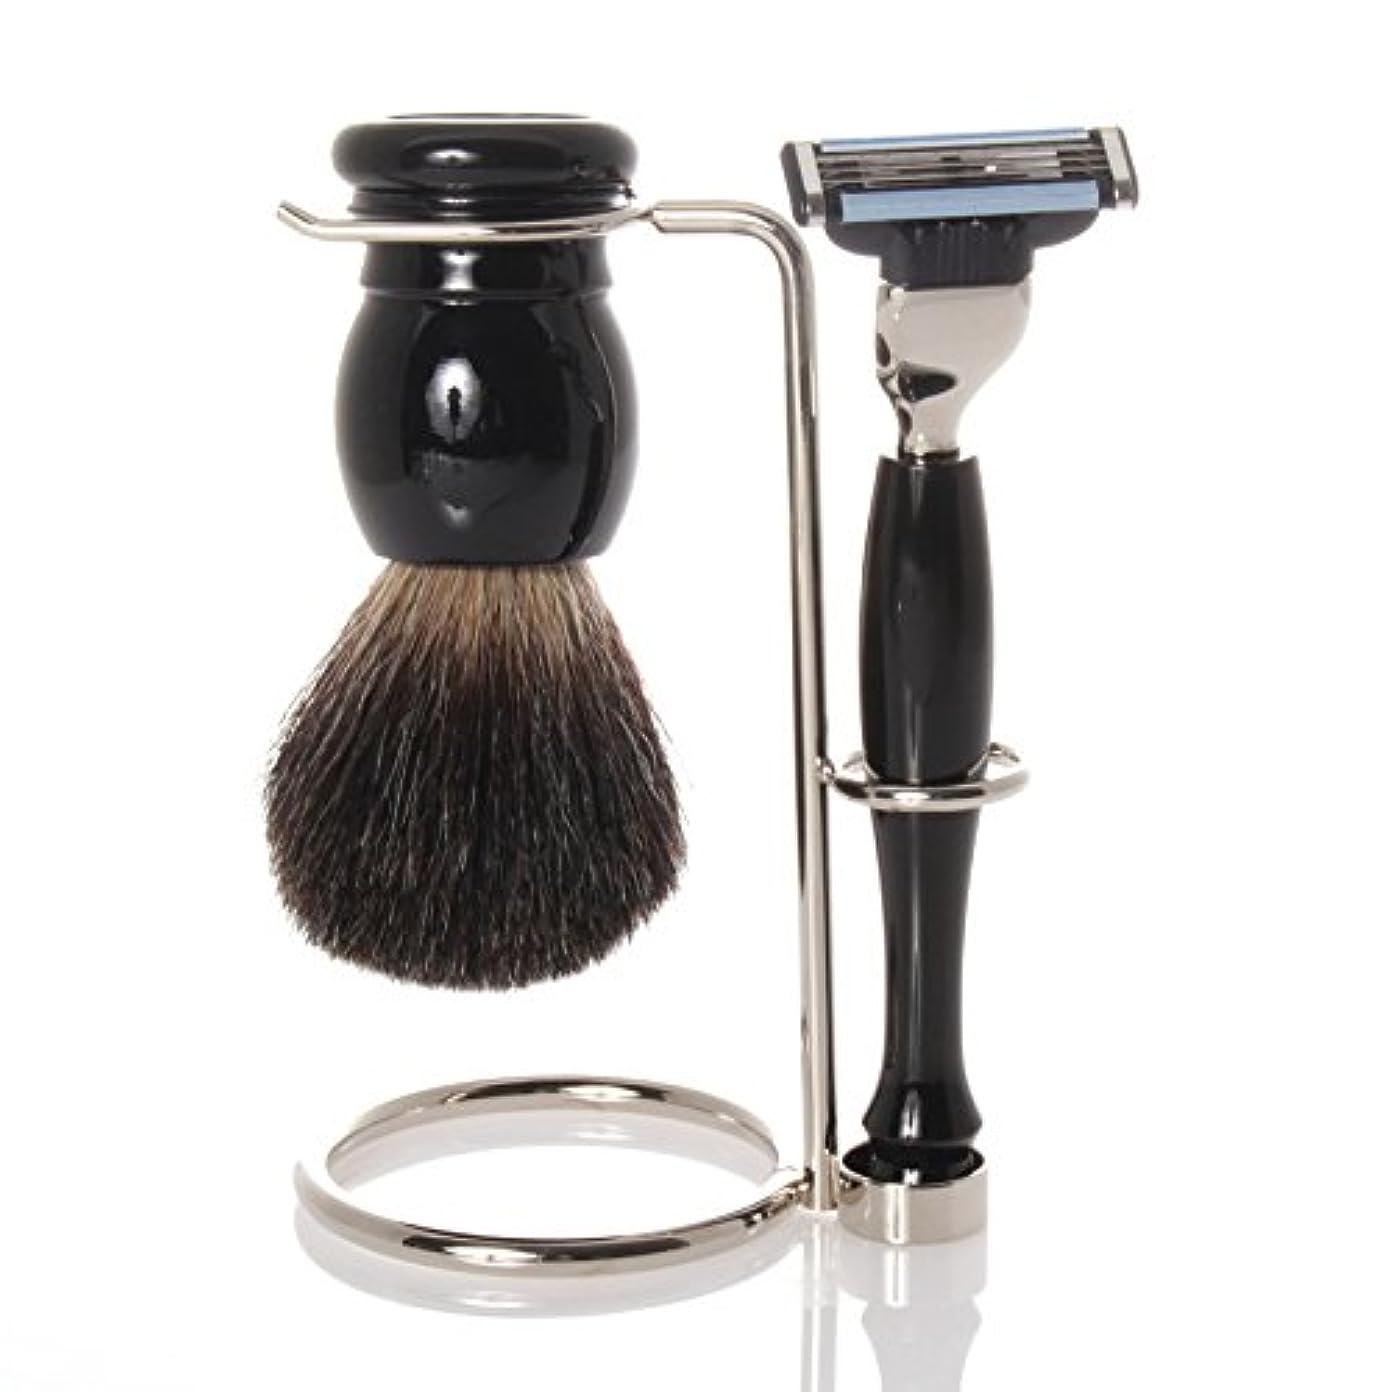 申込み軽蔑検閲Shaving set with holder, grey badger brush, razor - Hans Baier Exclusive